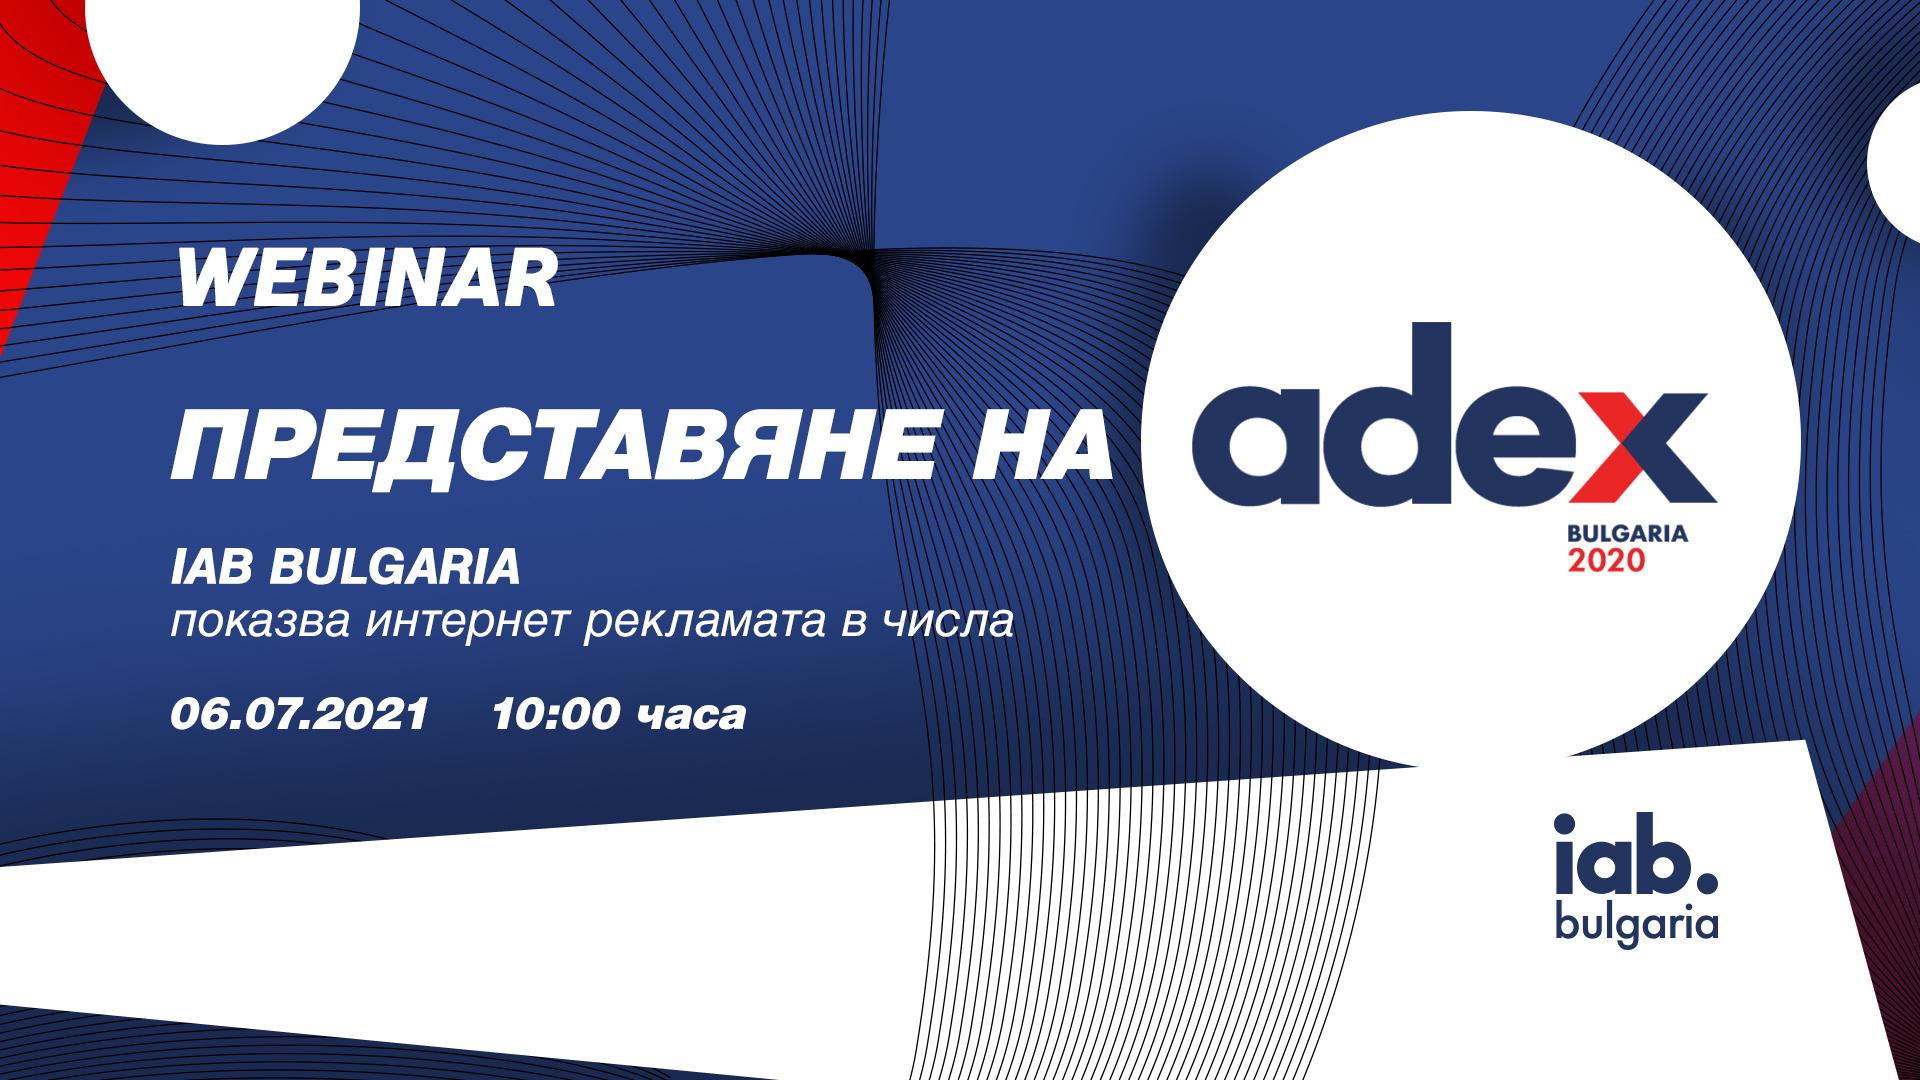 Webinar: Представяне на AdEx report 2020